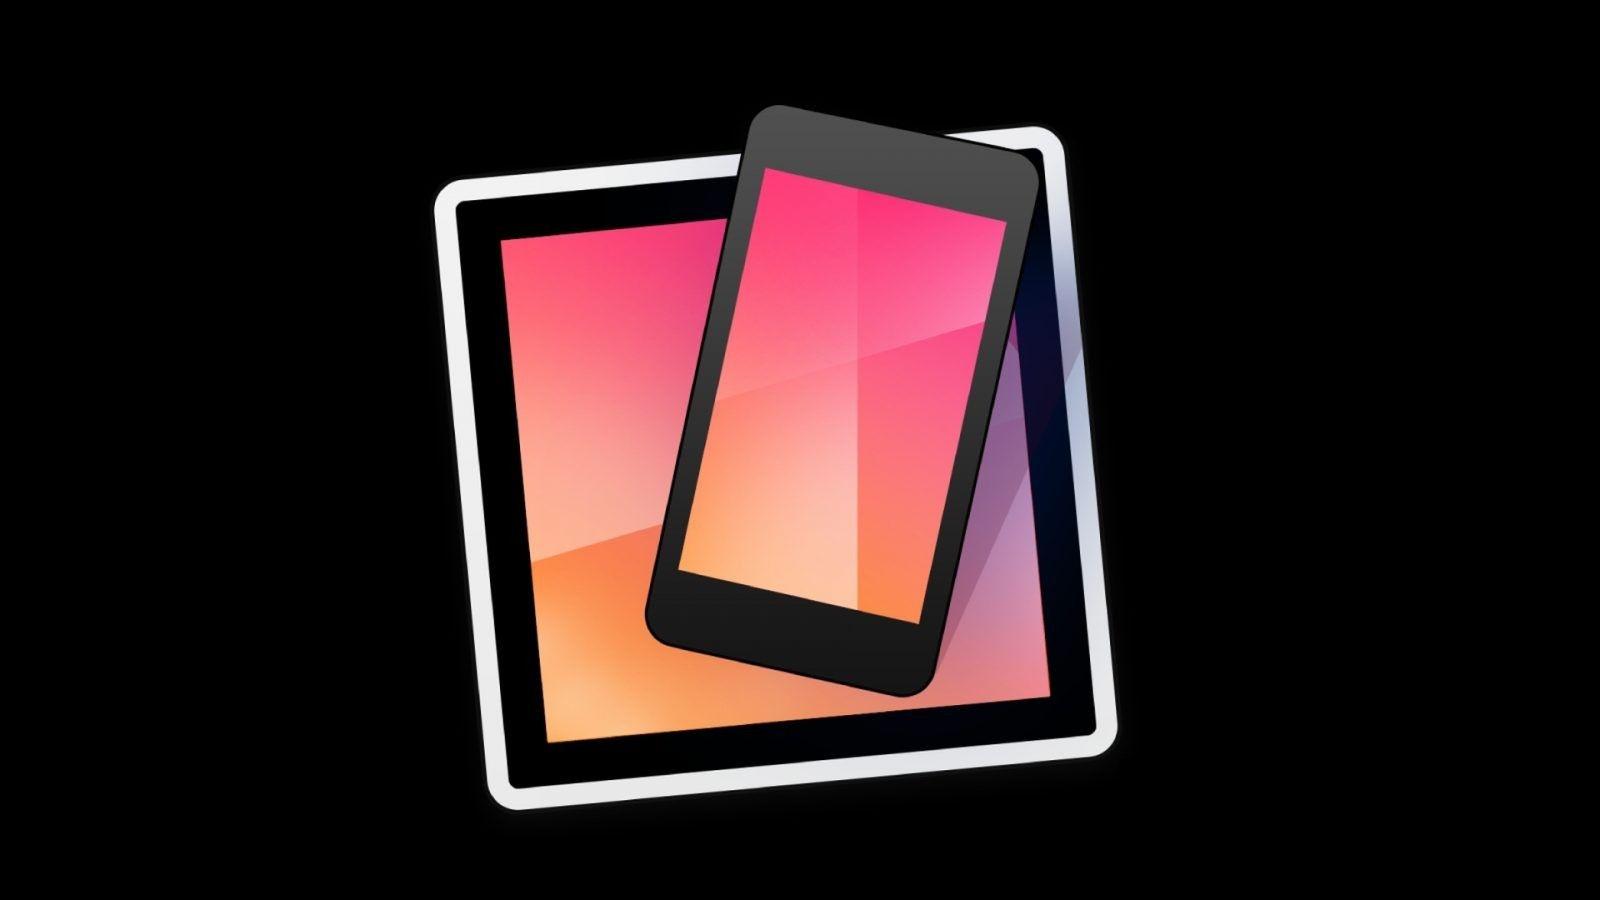 Dwa sposoby na klonowanie obrazu z iOS na komputer Mac